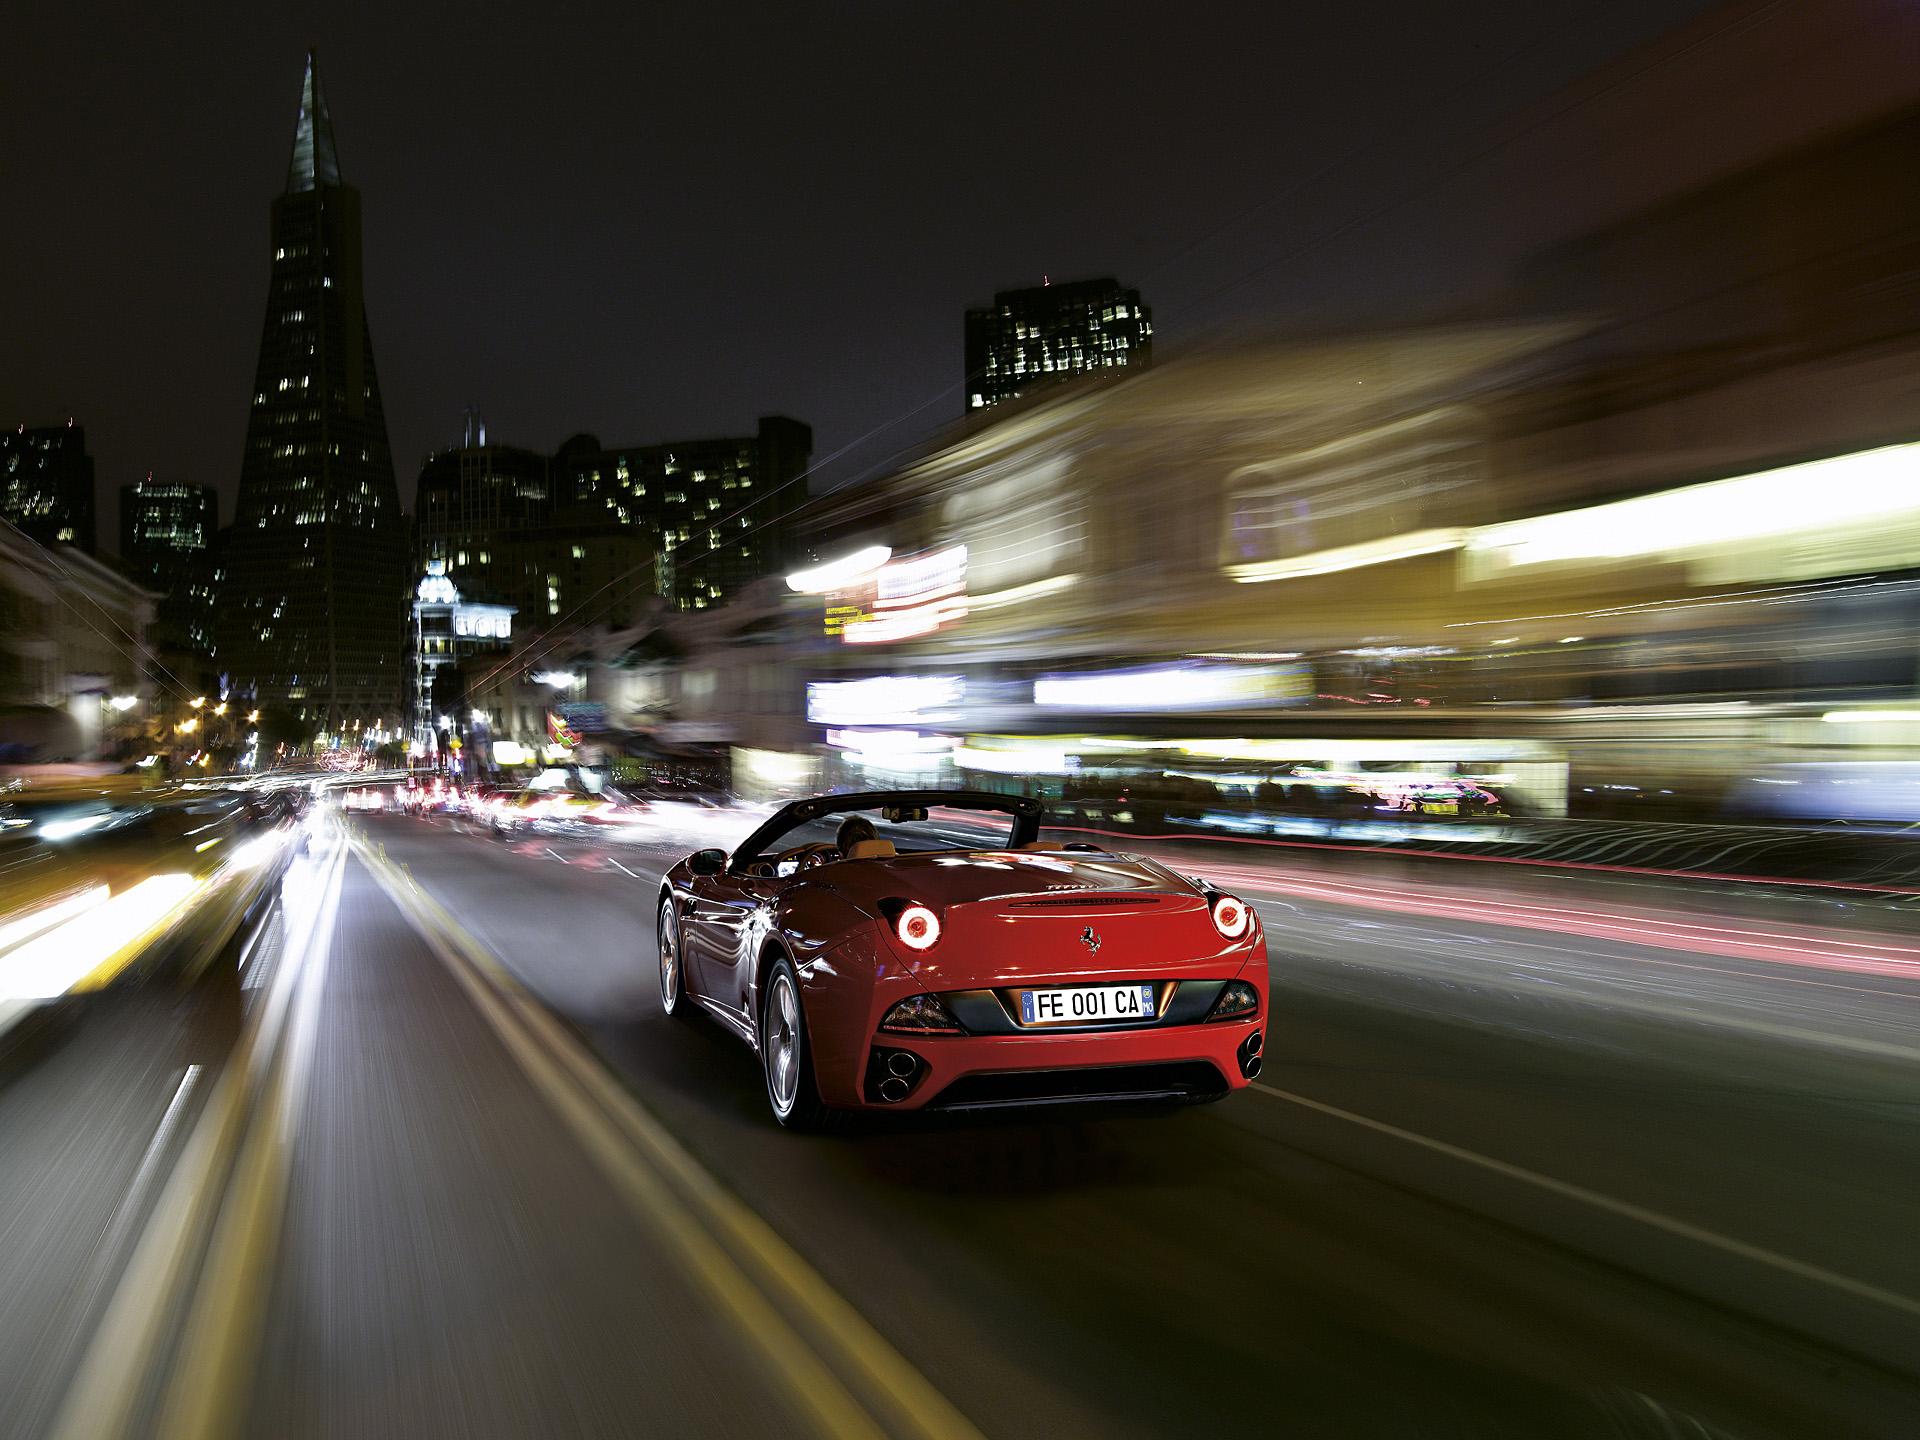 Download 1366X768 Ferrari California Wallpaper  PNG